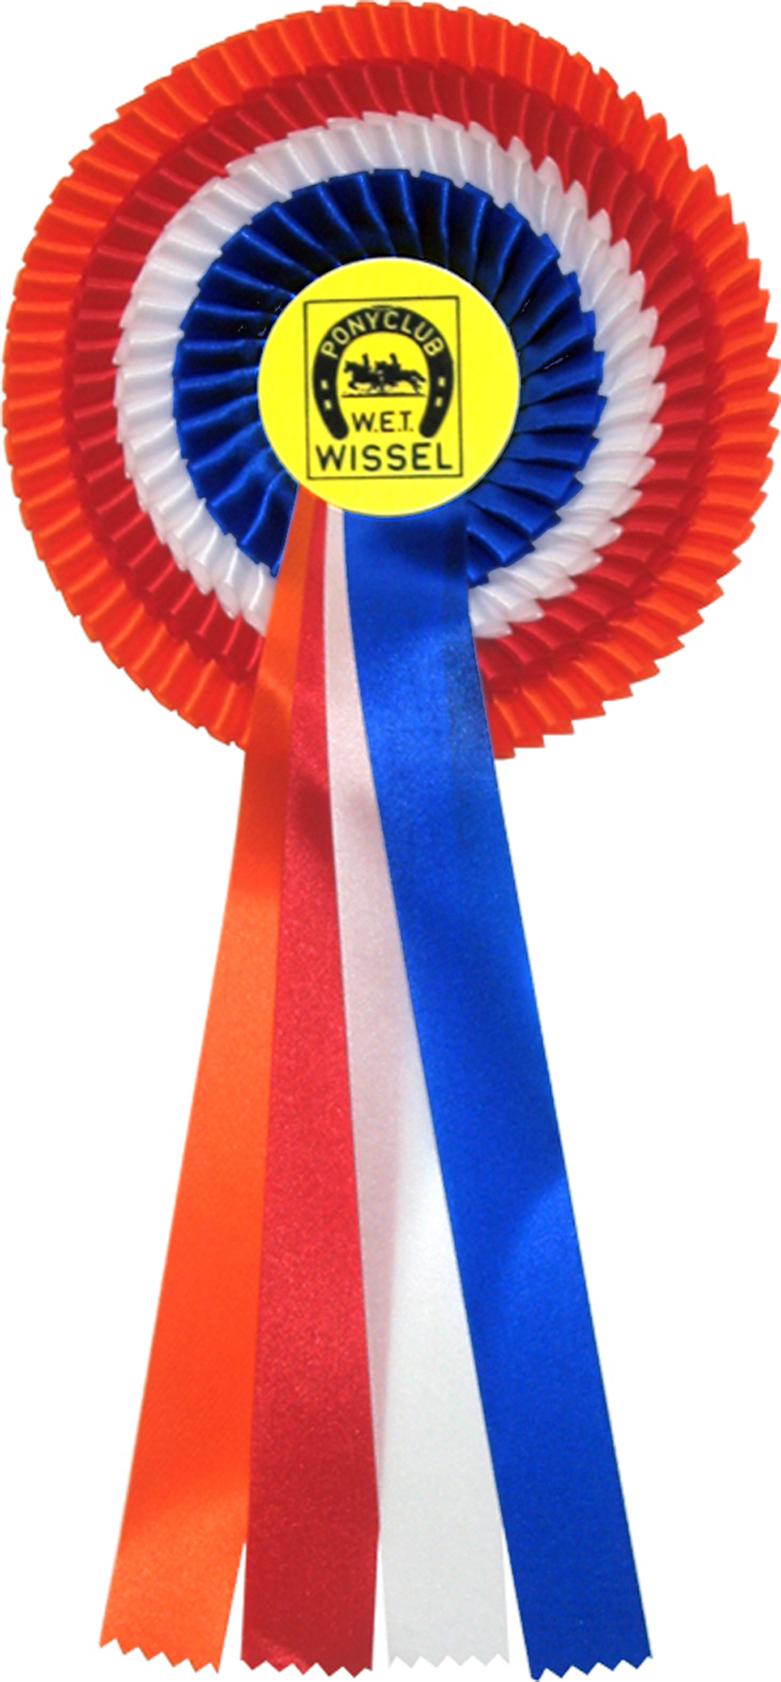 Rode / witte / blauwe / nederlandse vlag rozet (WHS30)